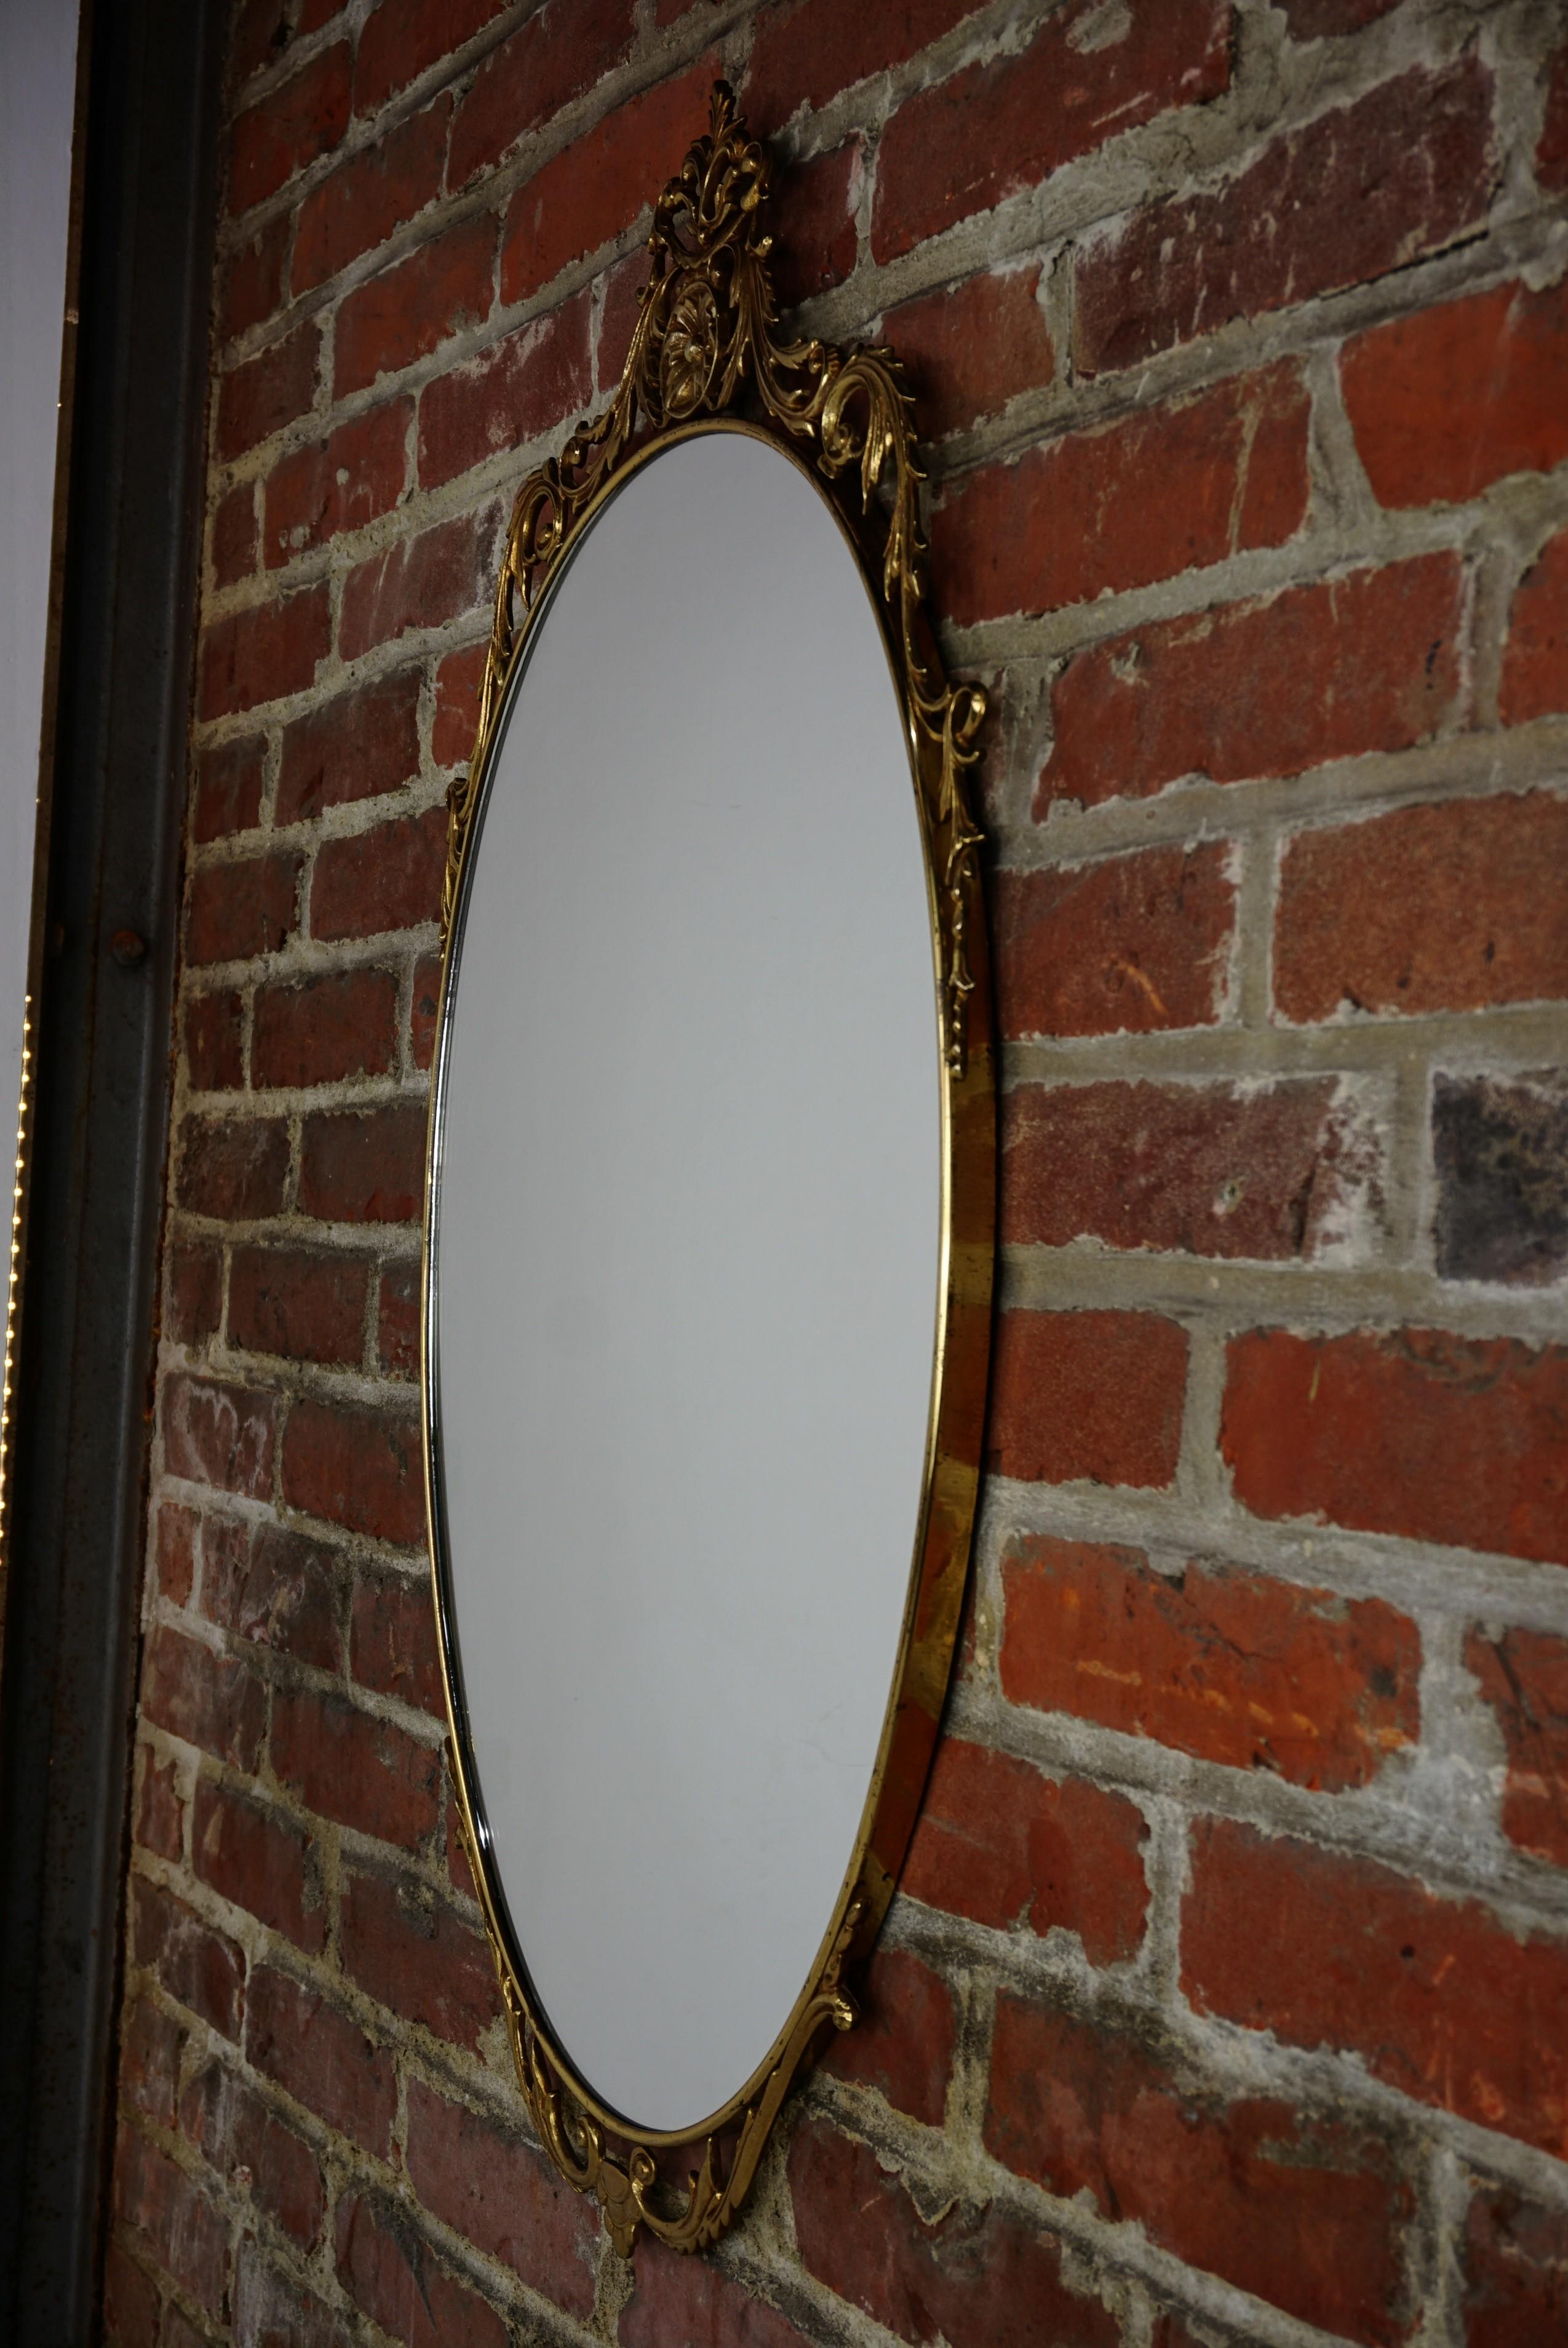 Vintage venetian style oval mirror in brass - 1940s ...